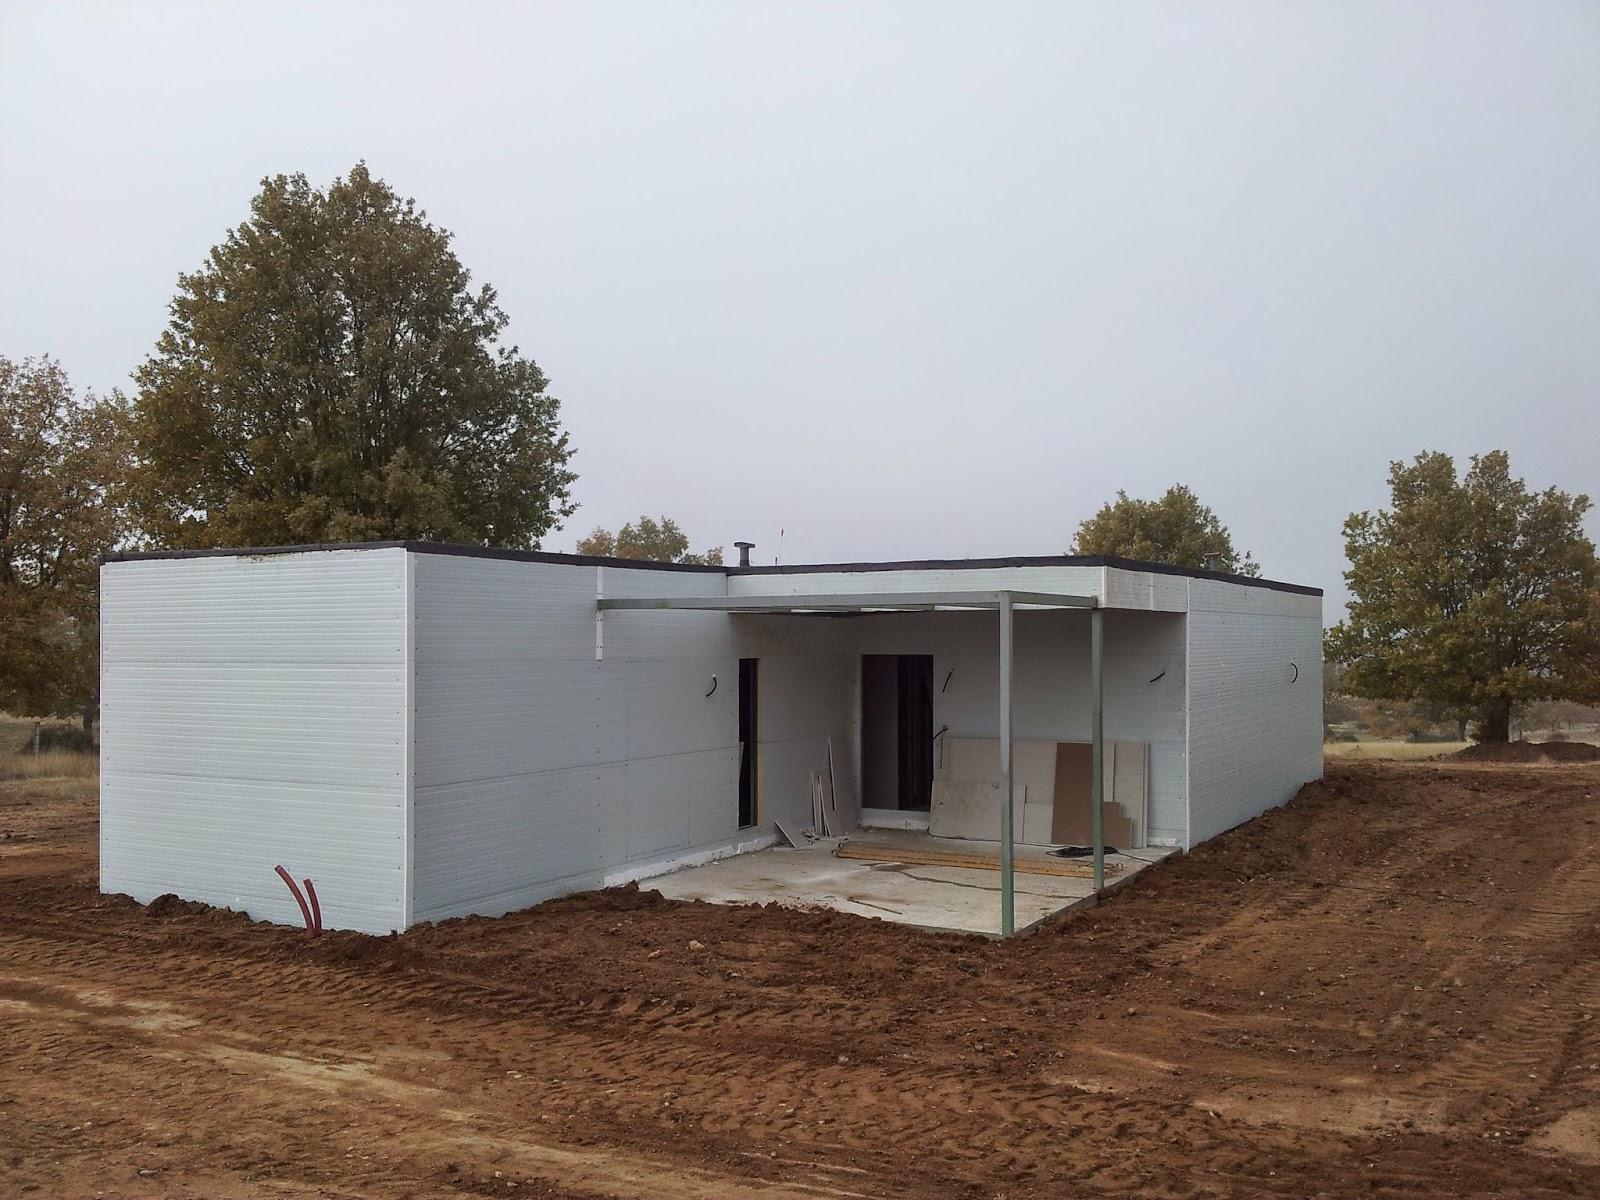 Panel s ndwich seguridad y aislamiento para viviendas - Casas de panel sandwich ...